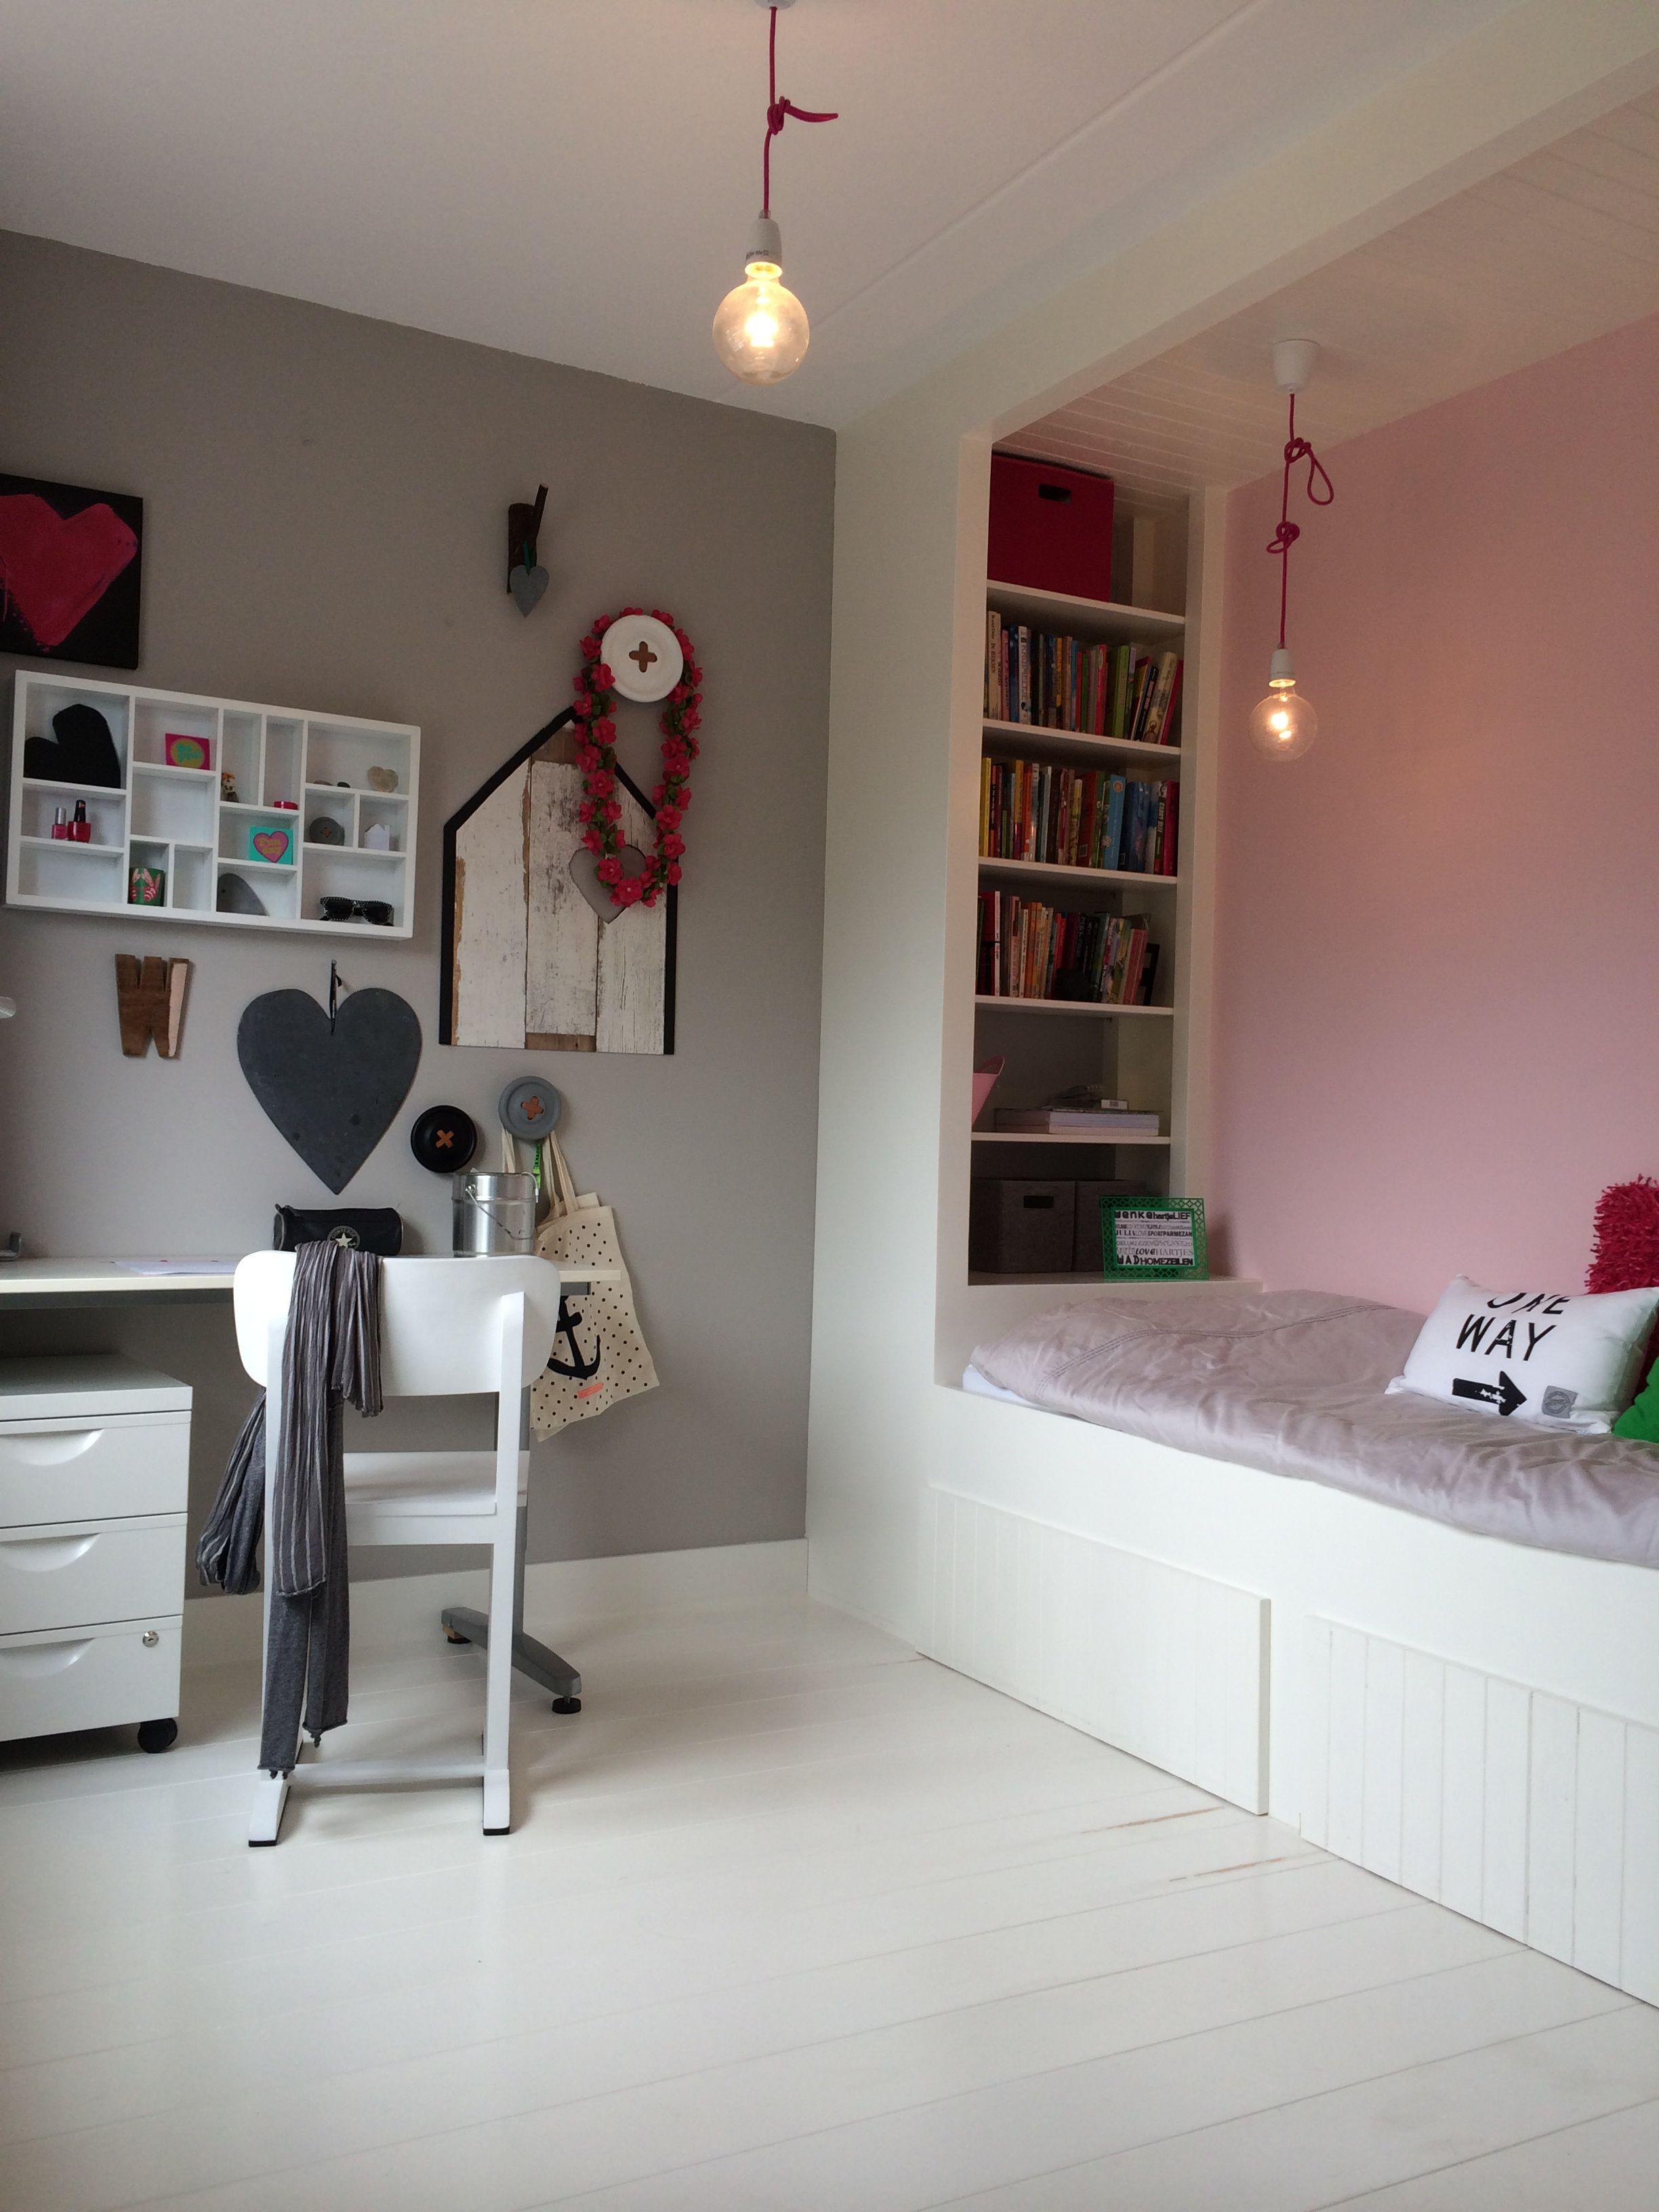 Kleine Slaapkamer Kind : Kleine slaapkamer met slim bed op maat door edwork zwolle! yael